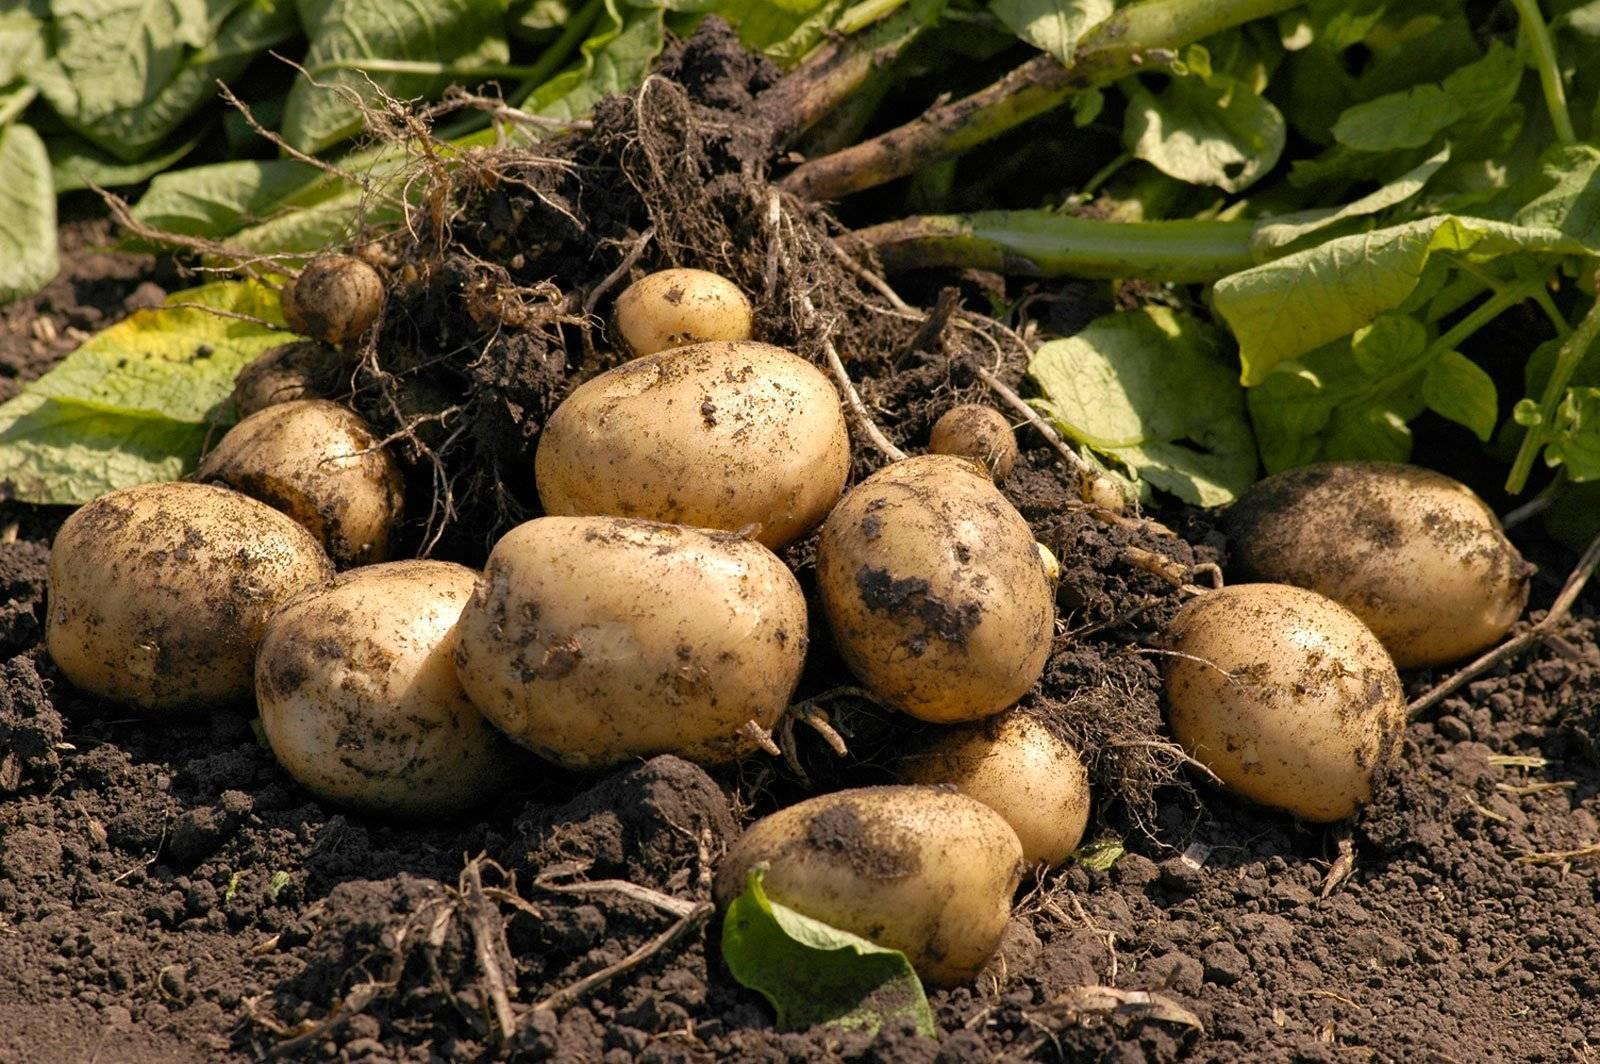 Нормы и рецепты внекорневой подкормки картофеля